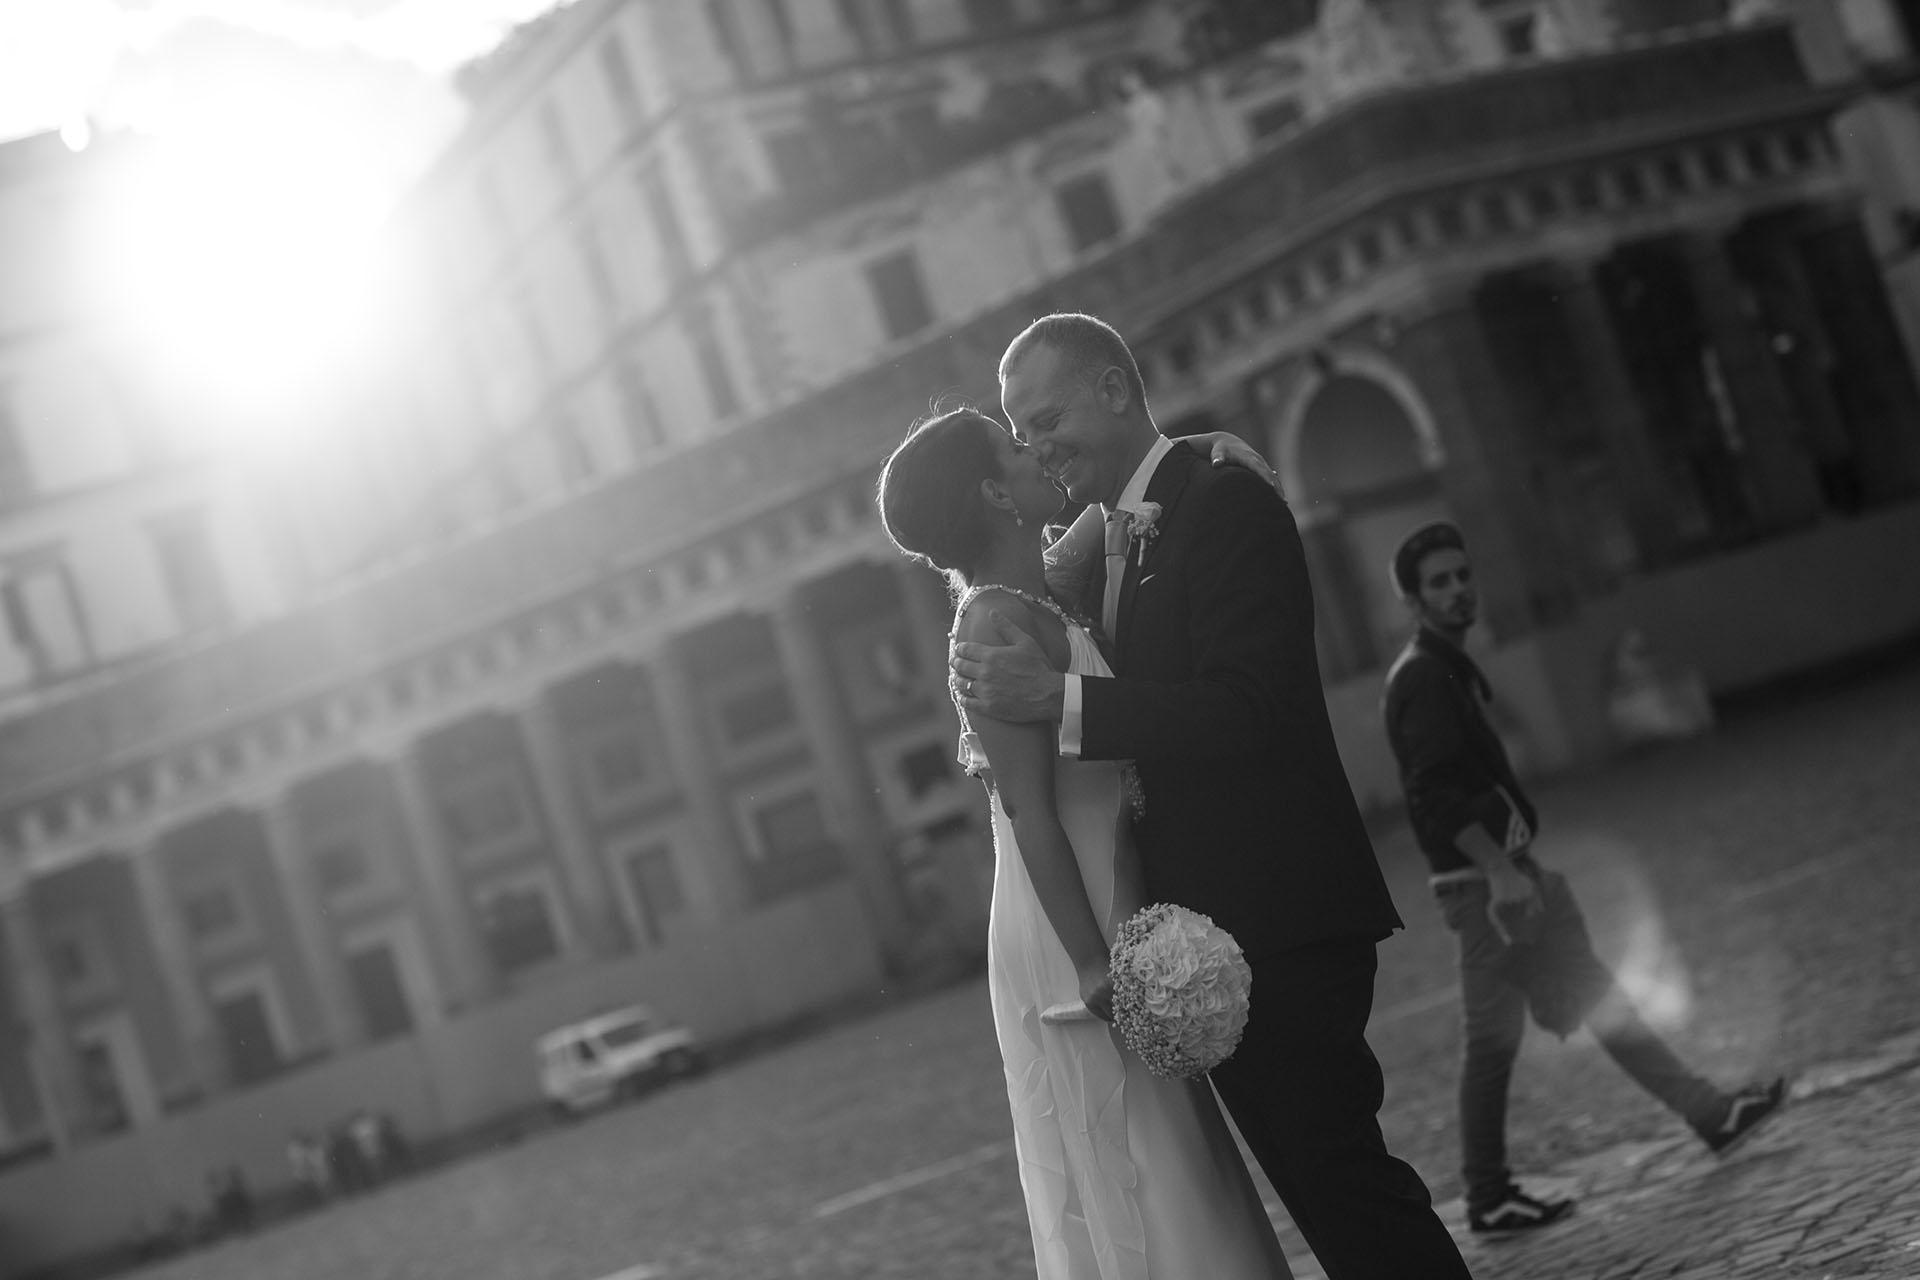 fotografo-matrimoni-officina-immagini-telese-benevento